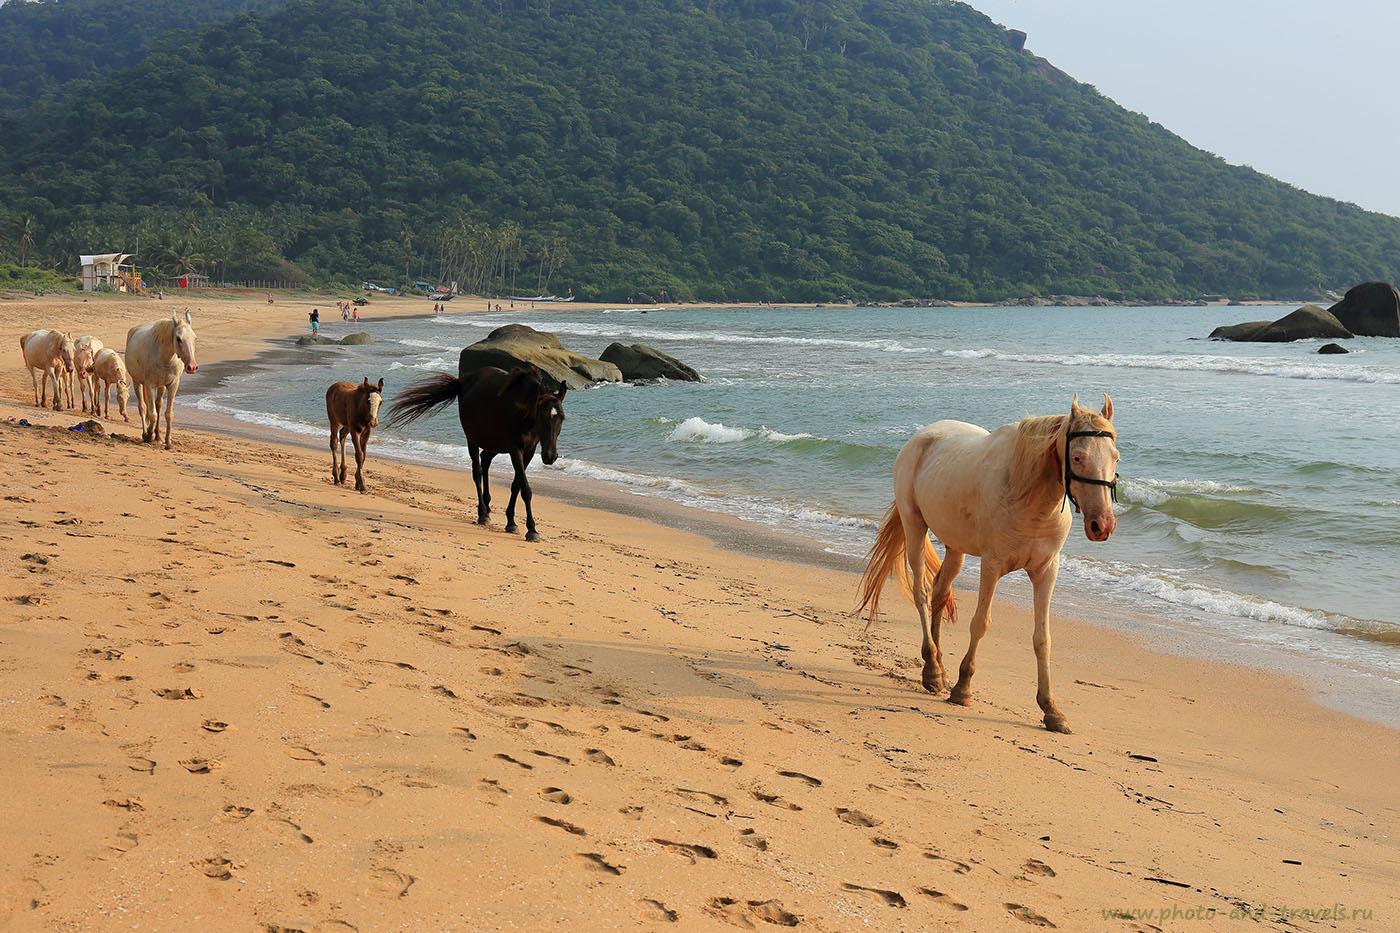 Фото 2. Кони - подарок А. Никитину на пляже Агонда в Южном Гоа. Отдых о самостоятельном путешествии в Индию в октябре (24-70, 1/320, 0eV, f9, 55 mm, ISO 100)